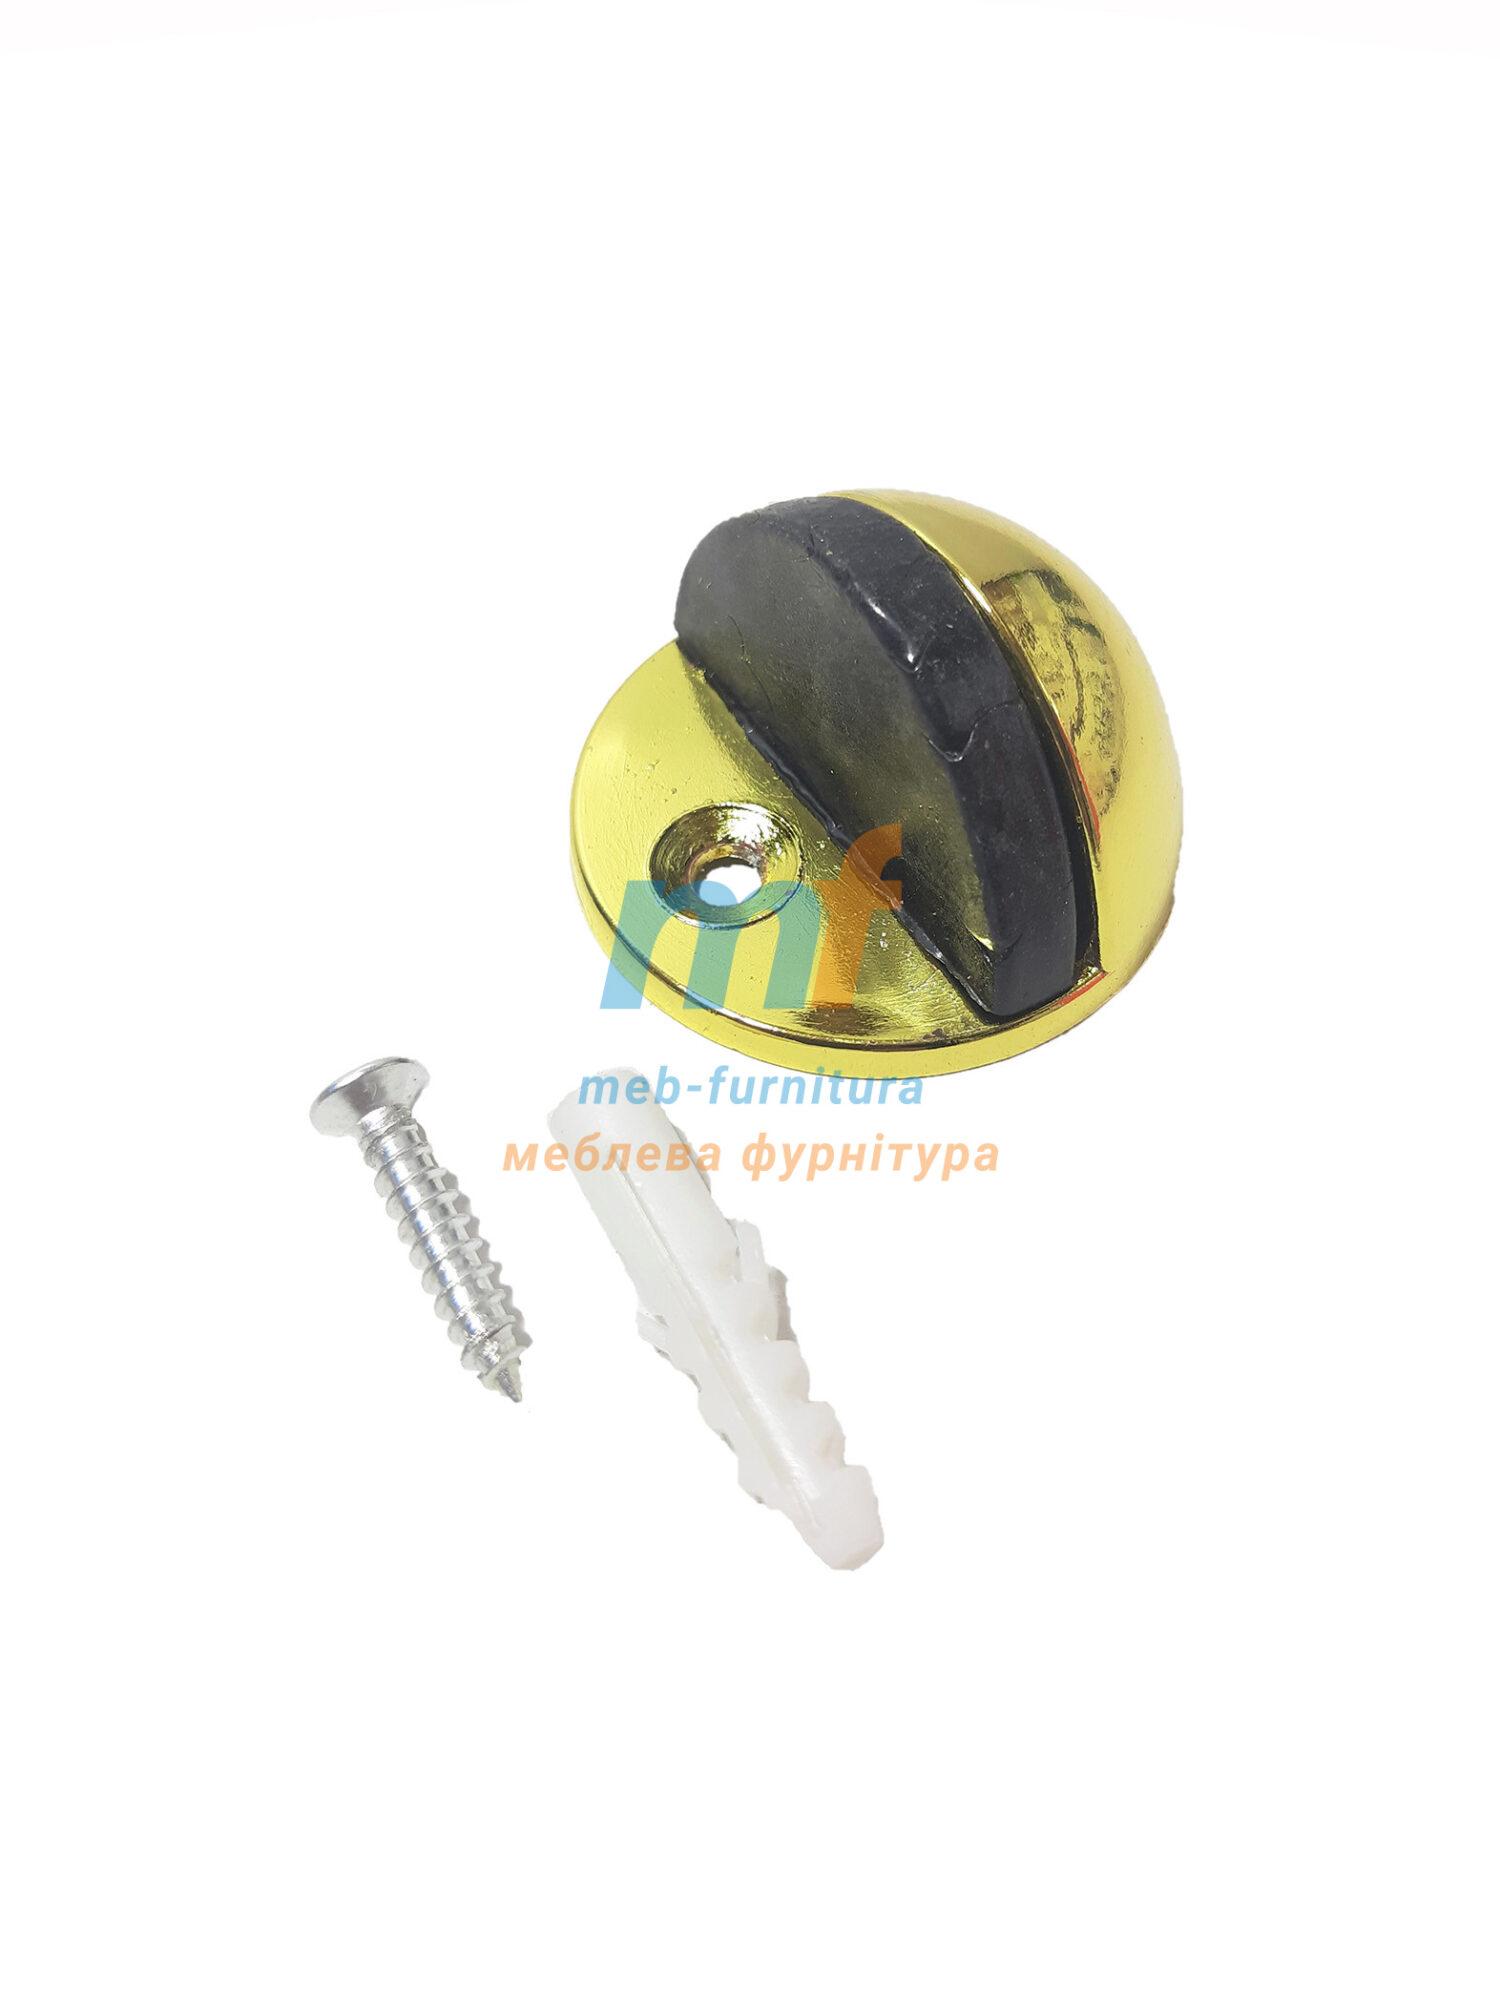 Стопор полумесяц желтый (еко)